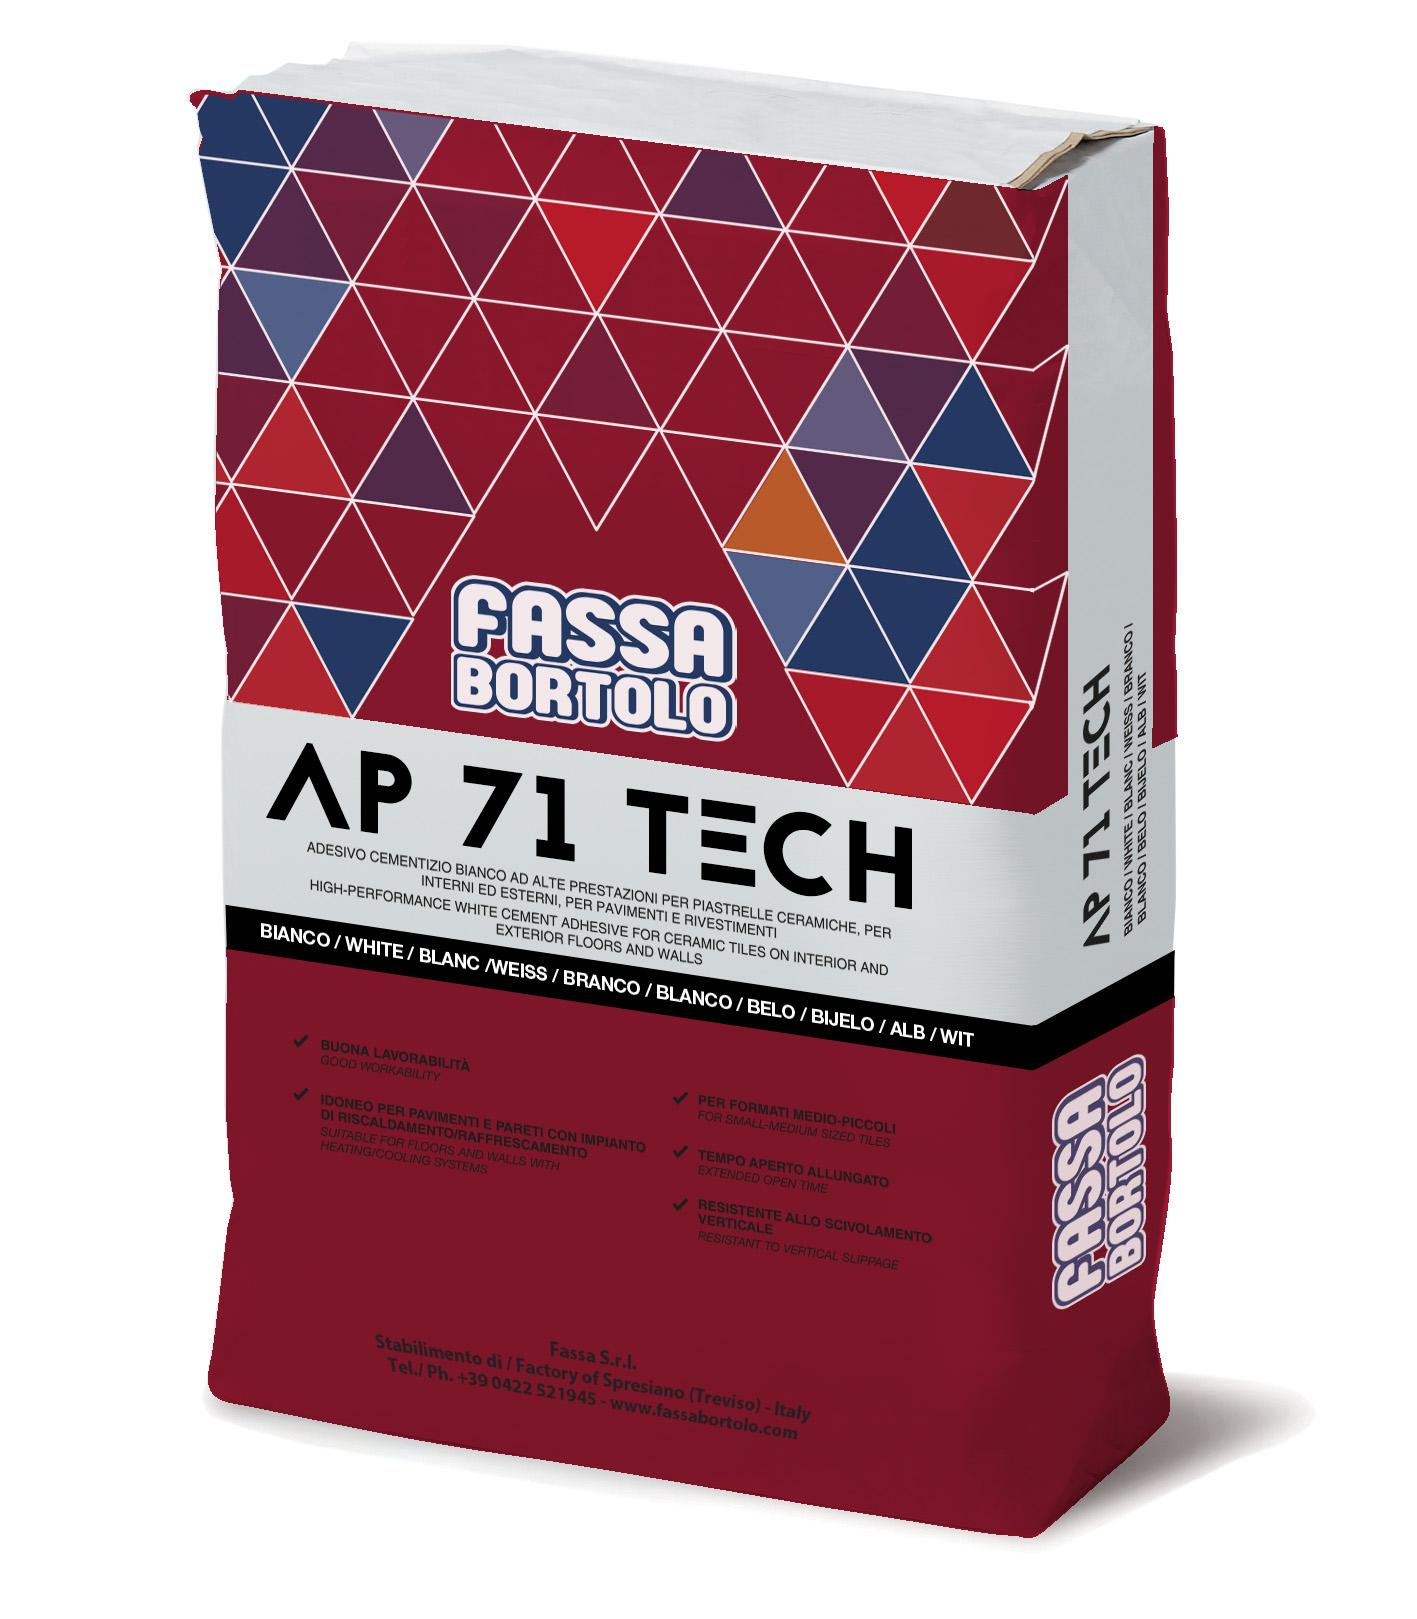 AP 71 TECH: Einkomponenten-Klebstoff in Weiß und Grau, abrutschfest und mit verlängerter Offenzeit, für Boden- und Wandbeläge sowohl im Außen- als auch im Innenbereich.